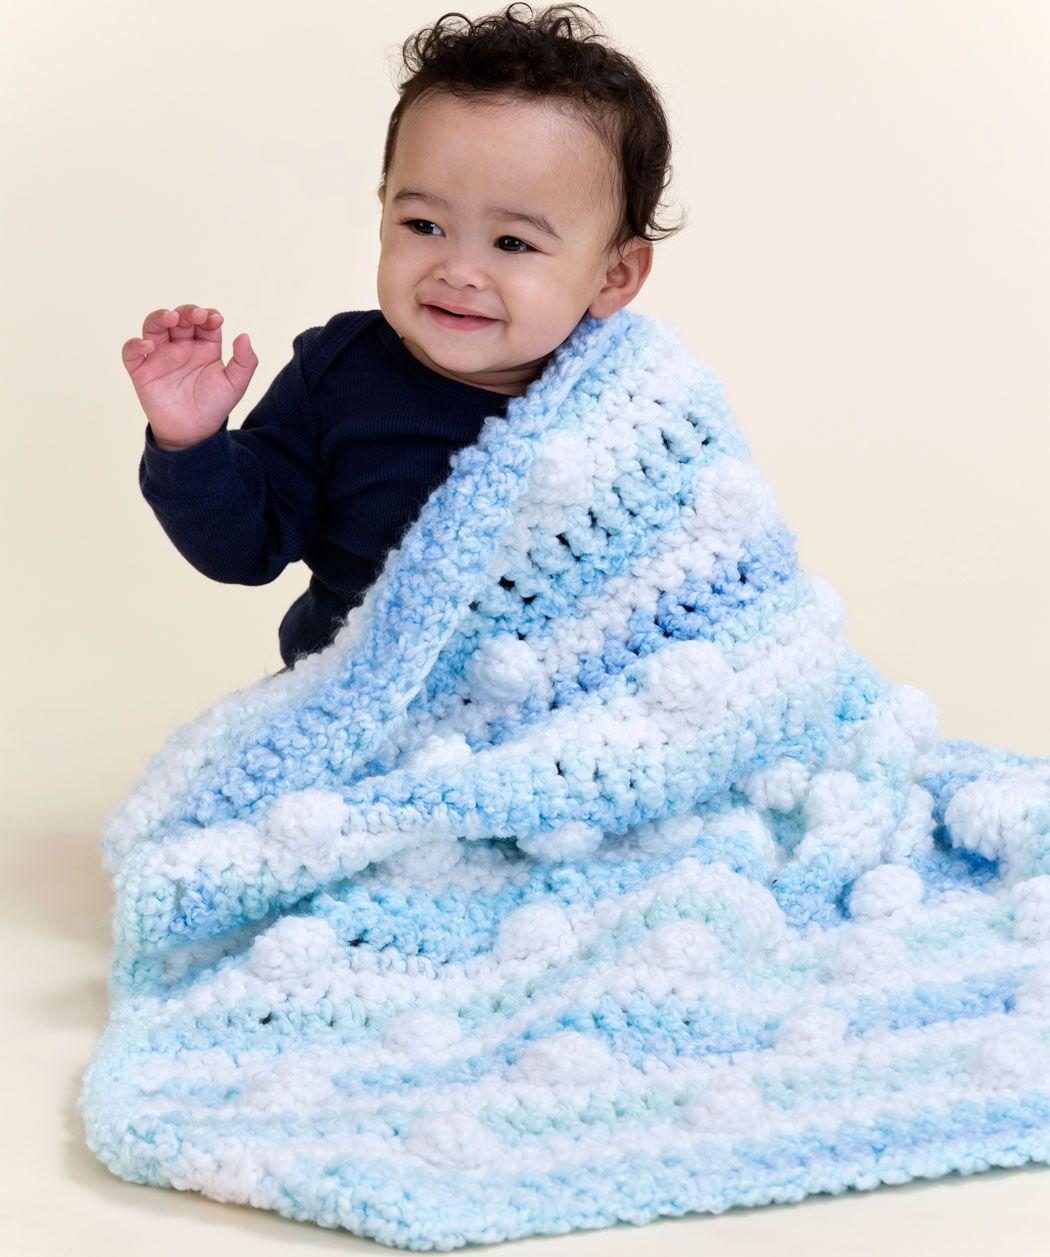 Cuddly Travel Blanket